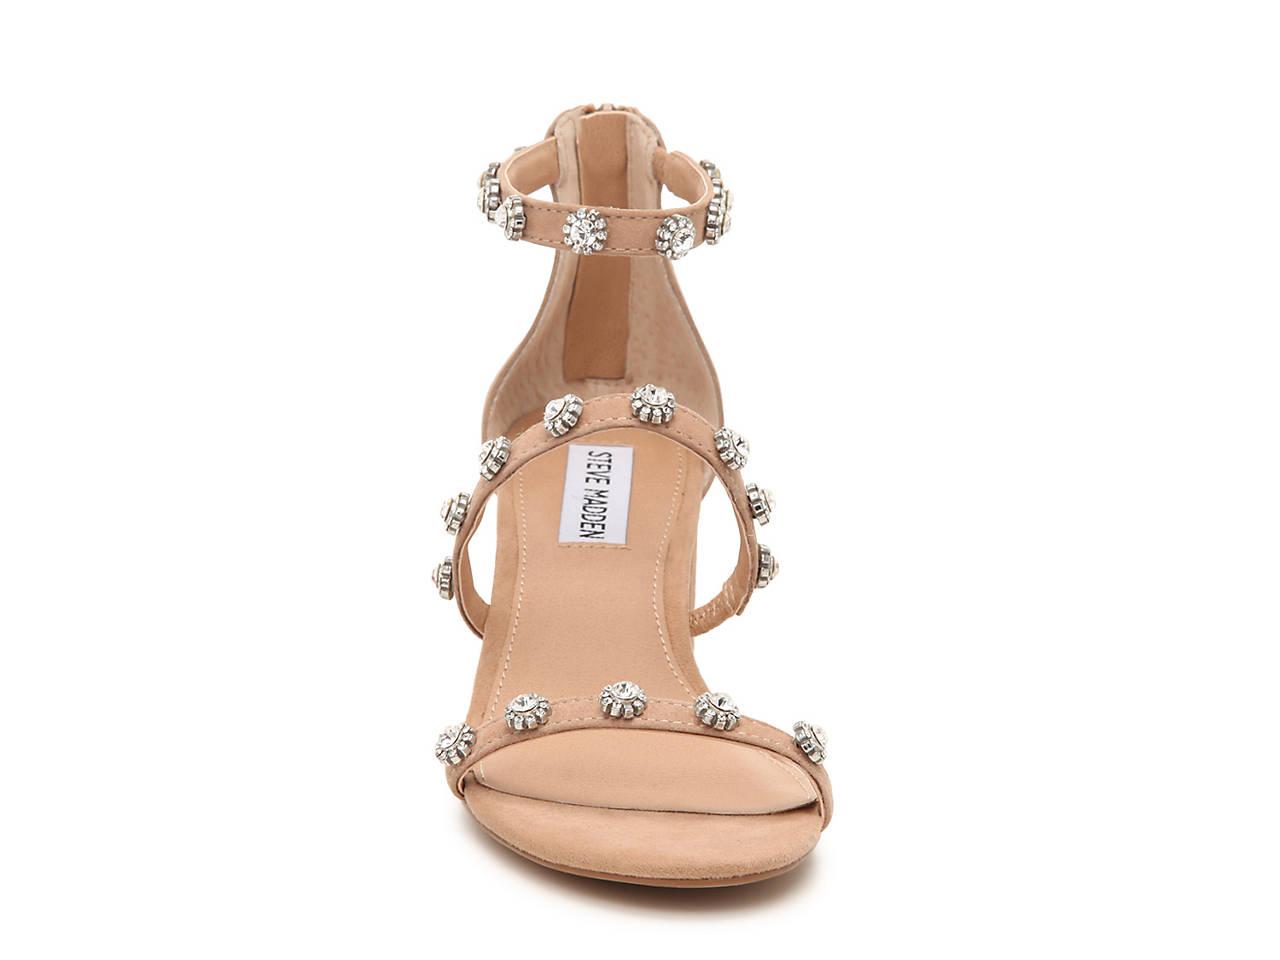 bcbbf9d7abb Steve Madden Joena Sandal Women s Shoes